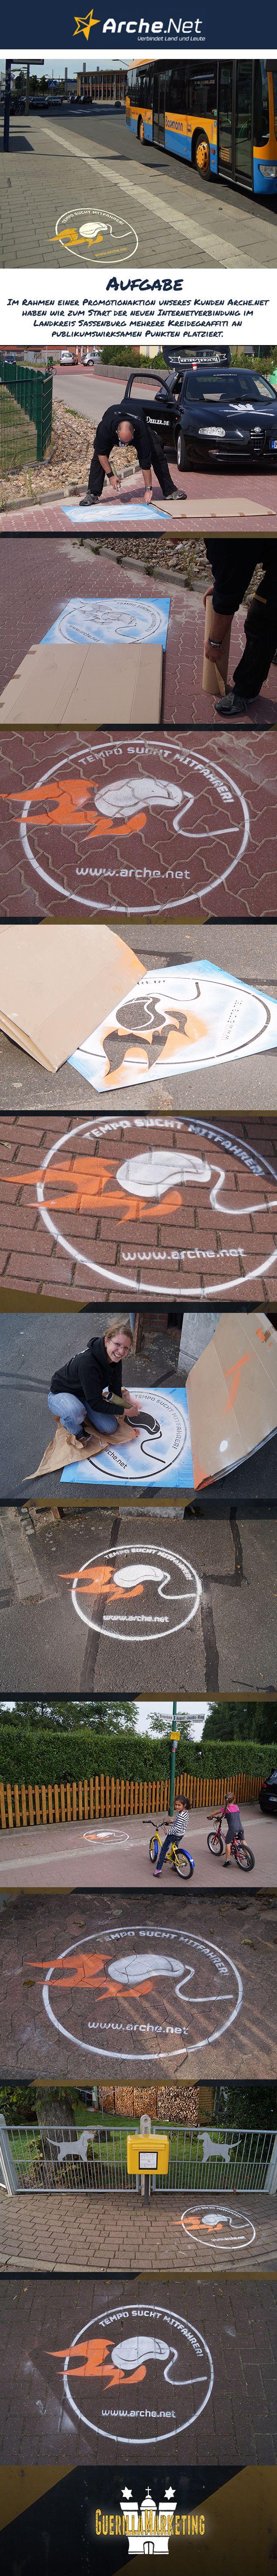 Im Rahmen einer #Promotionaktion unseres Kunden Arche.net haben wir zum Start der neuen Internetverbindung im Landkreis Sassenburg mehrere #Kreidegraffiti an publikumswirksamen Punkten platziert | #outdoor  #guerrilla #marketing #public  #creative #chalk #guerillamarketing #guerilla #btl #streetbranding < implemented and pinned by www.GuerillaMarketing-Hamburg.de a project of www.BlickeDeeler.de